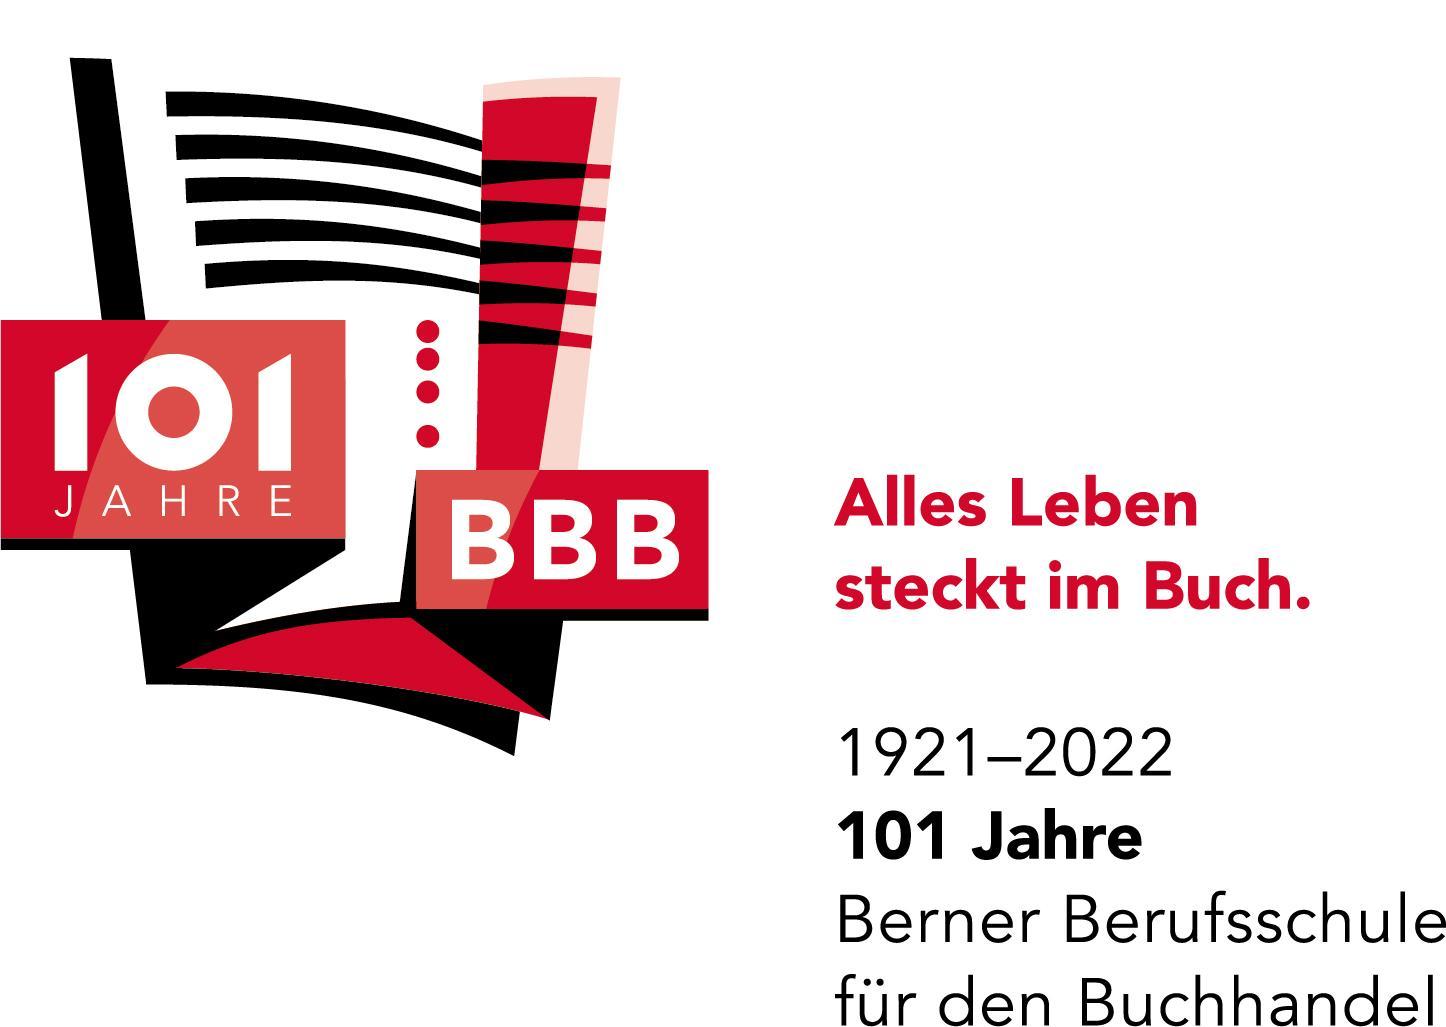 101 Jahre Berner Buchhandel